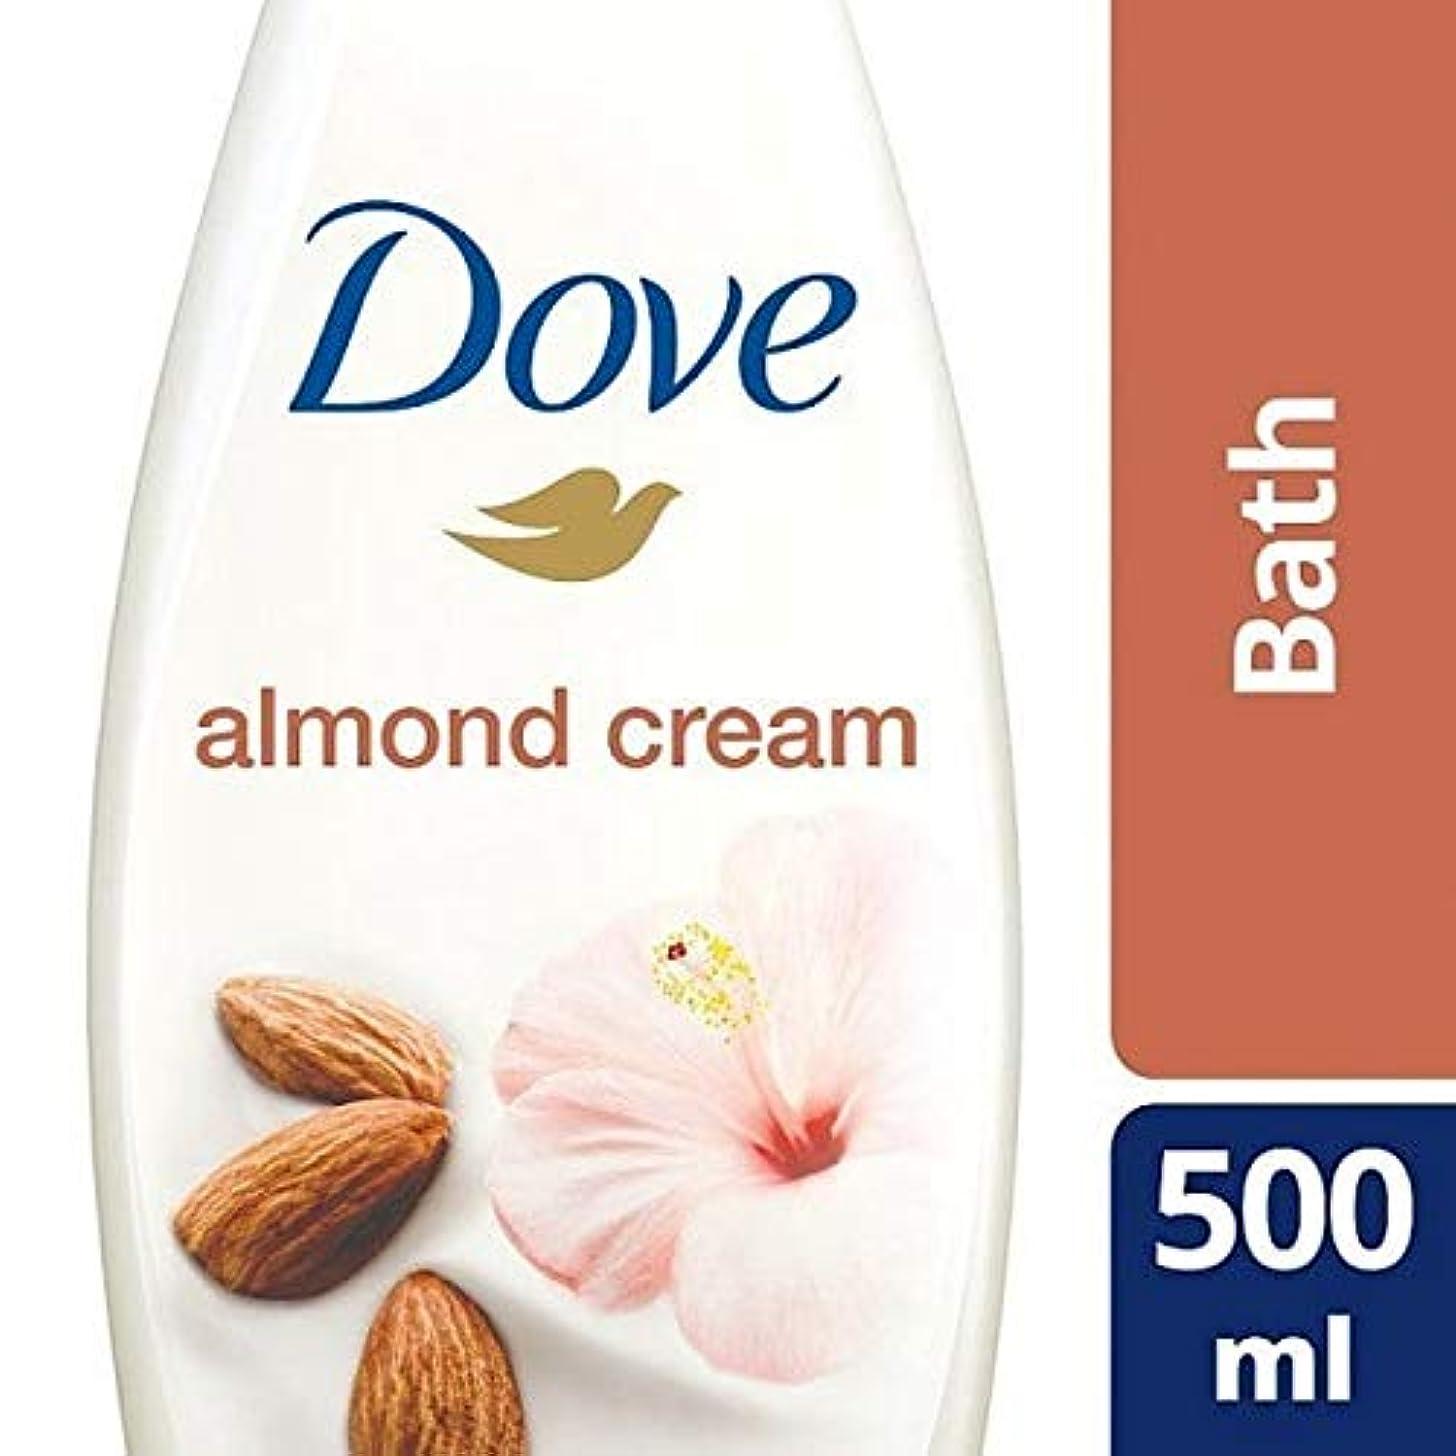 売り手プラスチック発症[Dove ] 純粋なアーモンド思いやりのあるクリームバスの500ミリリットルを甘やかす鳩 - Dove Purely Pampering Almond Caring Cream Bath 500ml [並行輸入品]